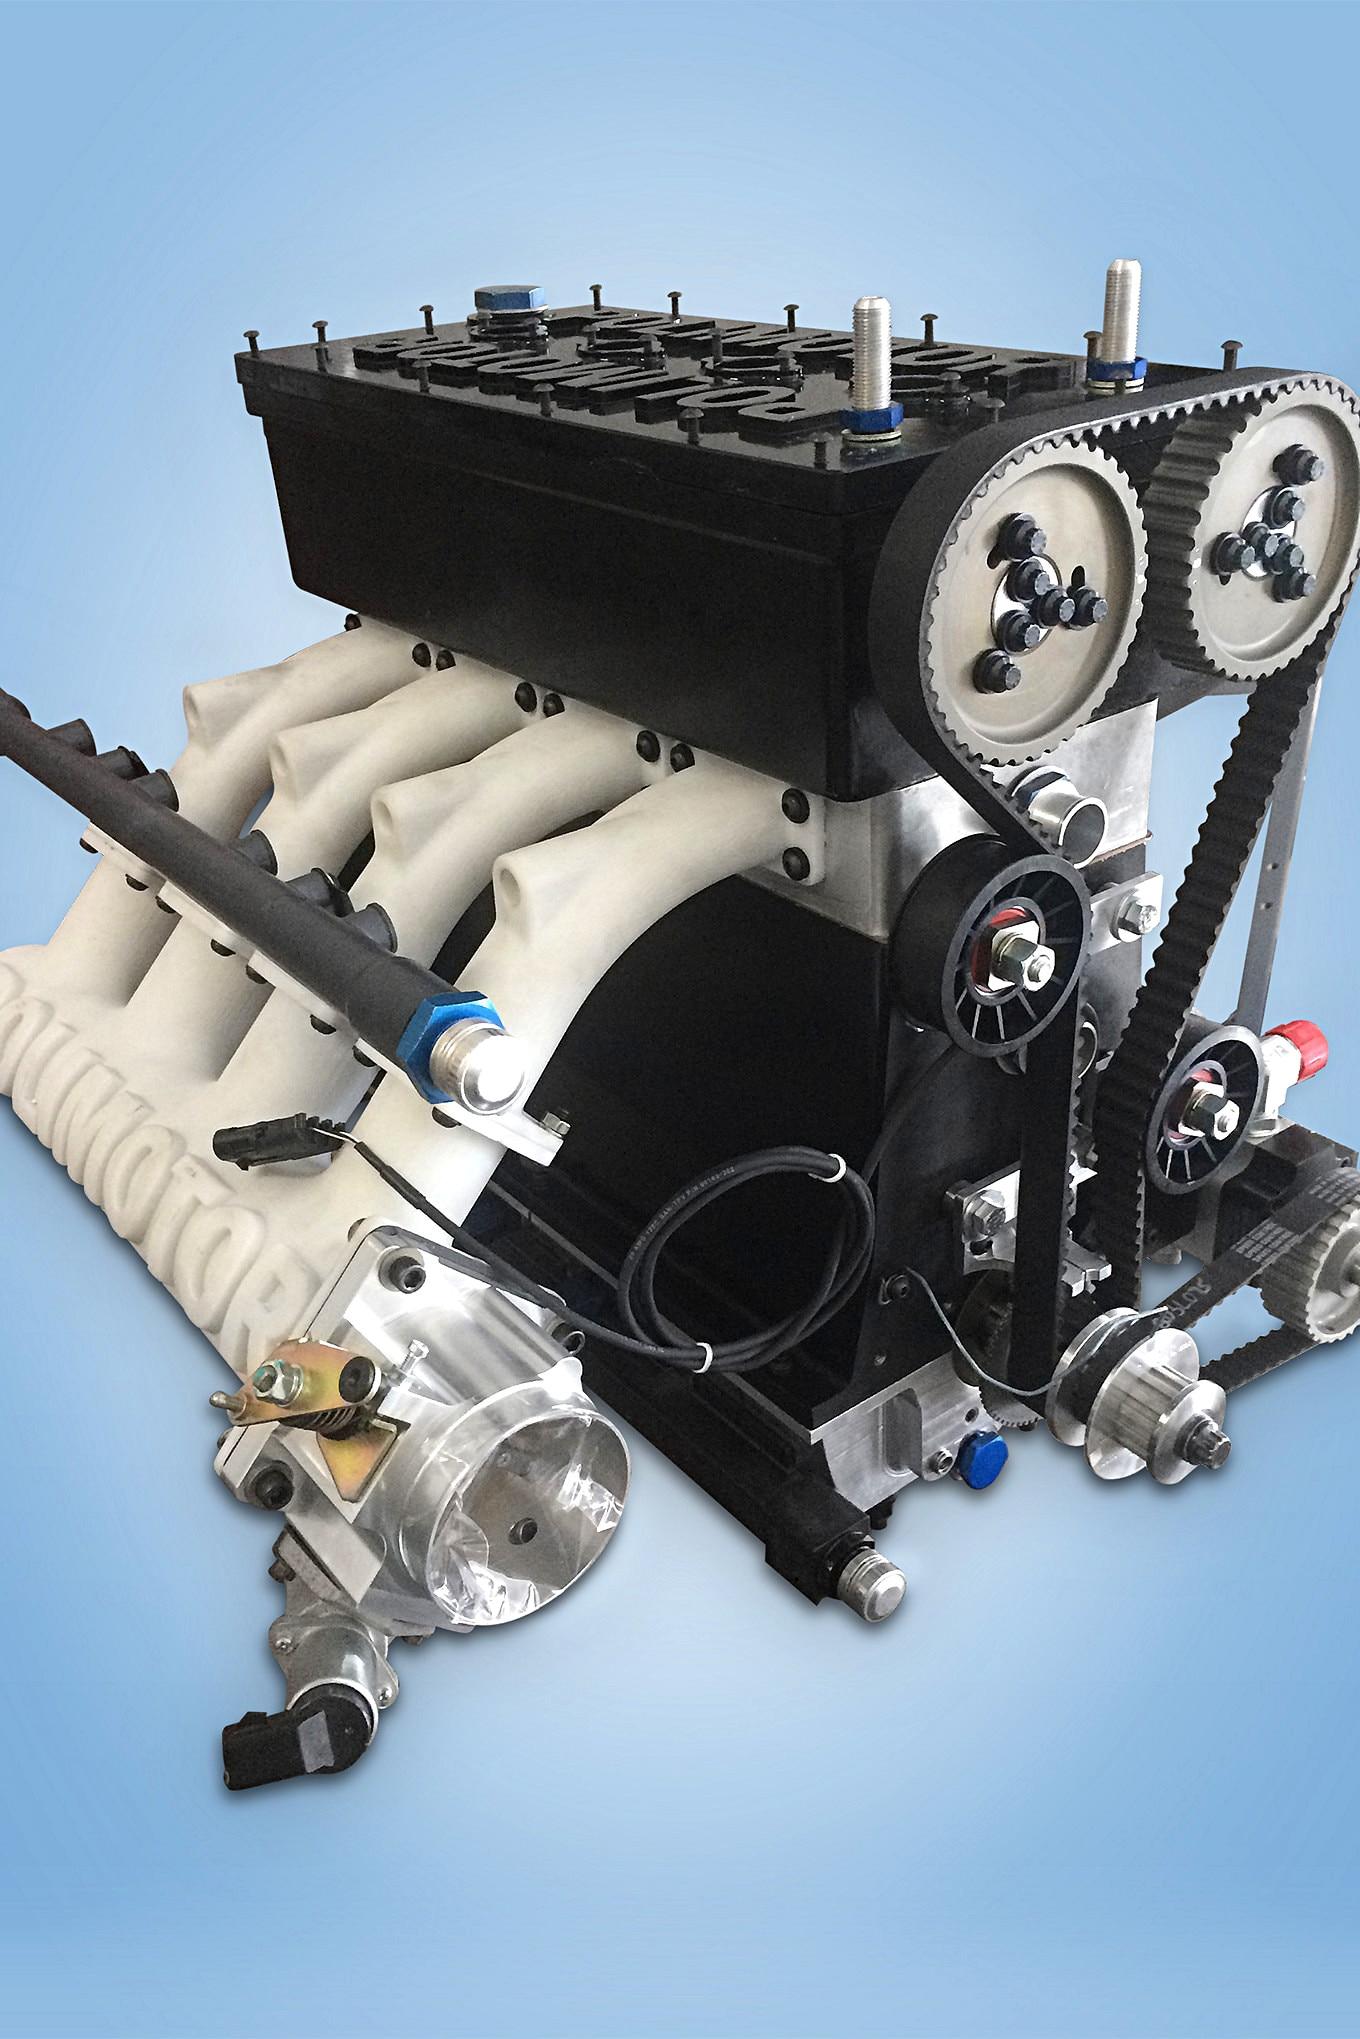 012 auto news four wheeler permatex polimotor fiber engine